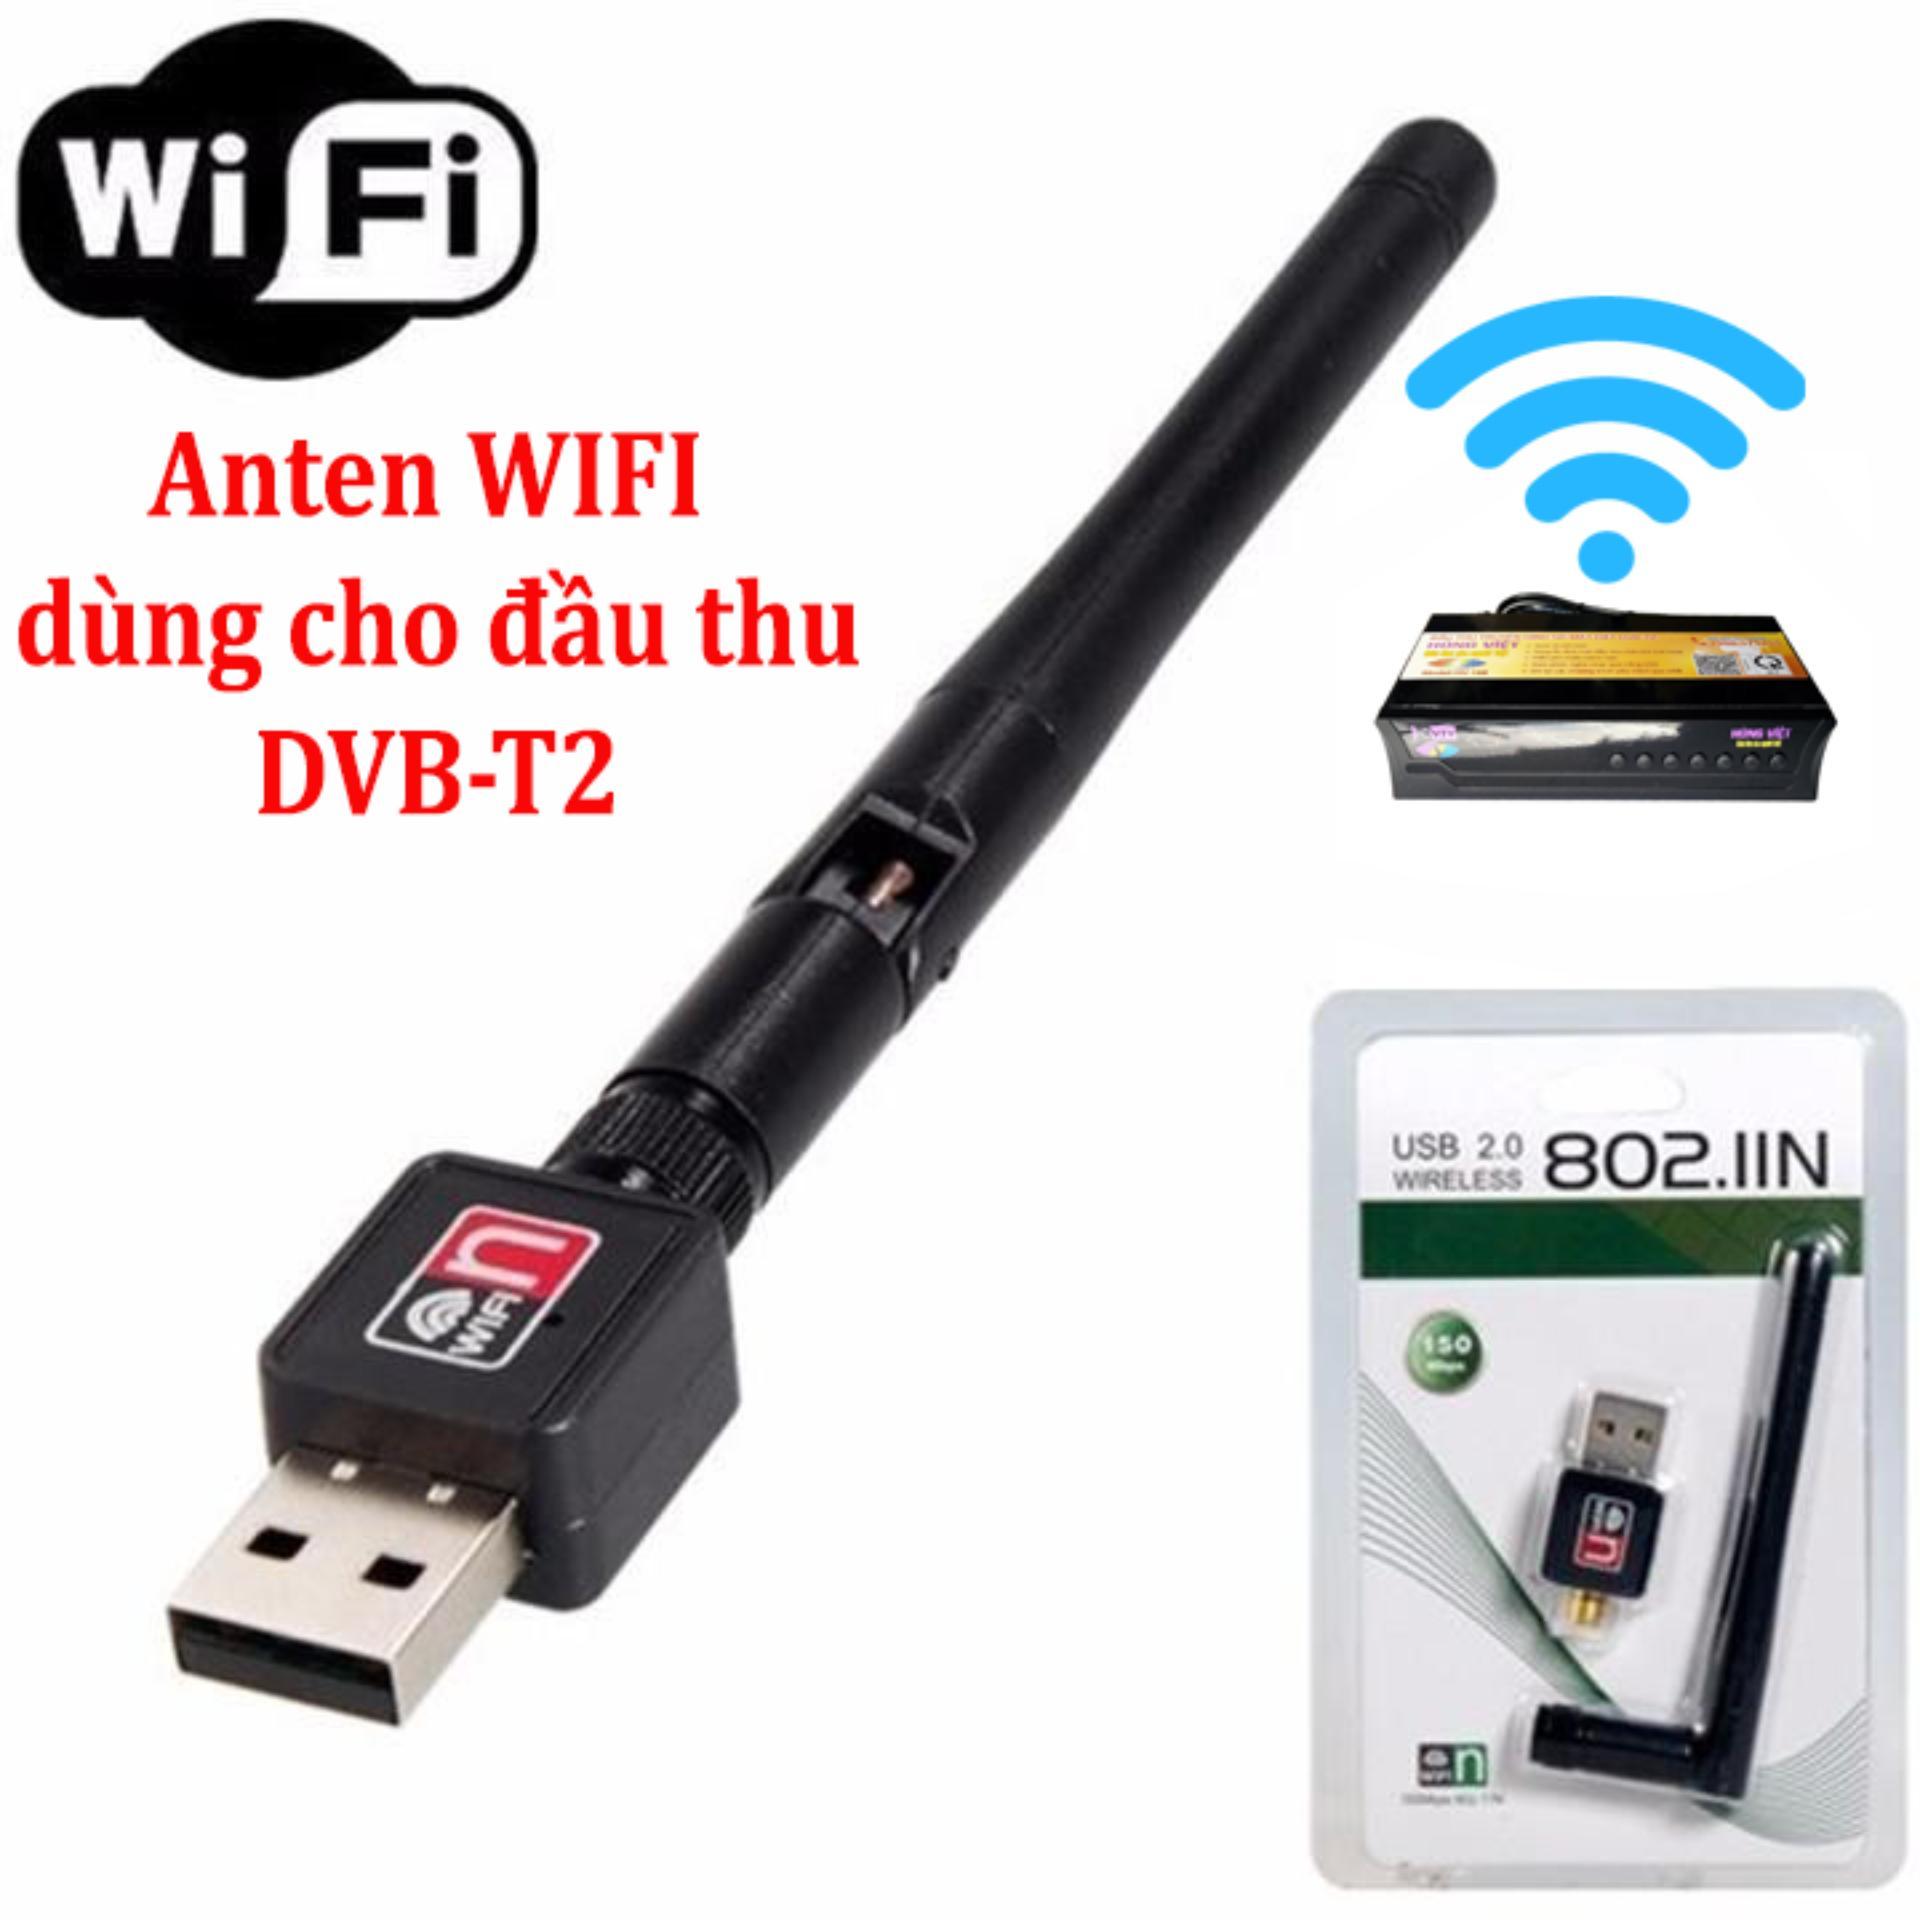 ANTEN WIFI CHO ĐẦU THU DVB-T2 HÙNG VIỆT